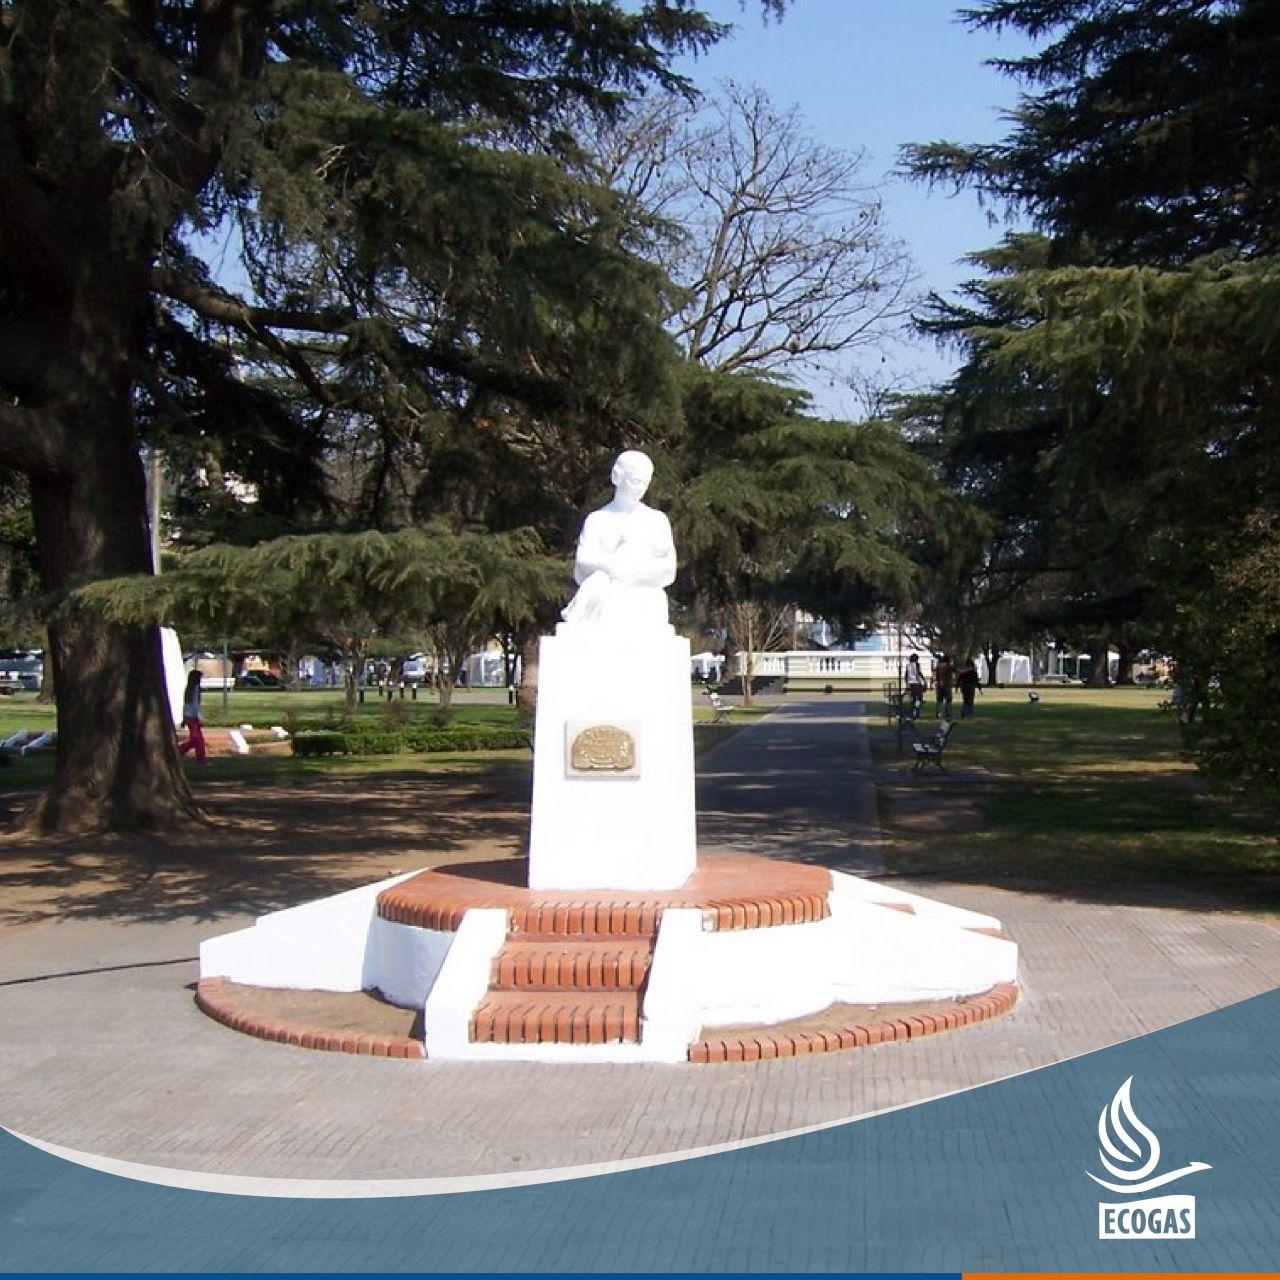 ECOGAS: habilitación de la ampliación de la red  de Gas Natural en Alejo Ledesma, Provincia de Córdoba